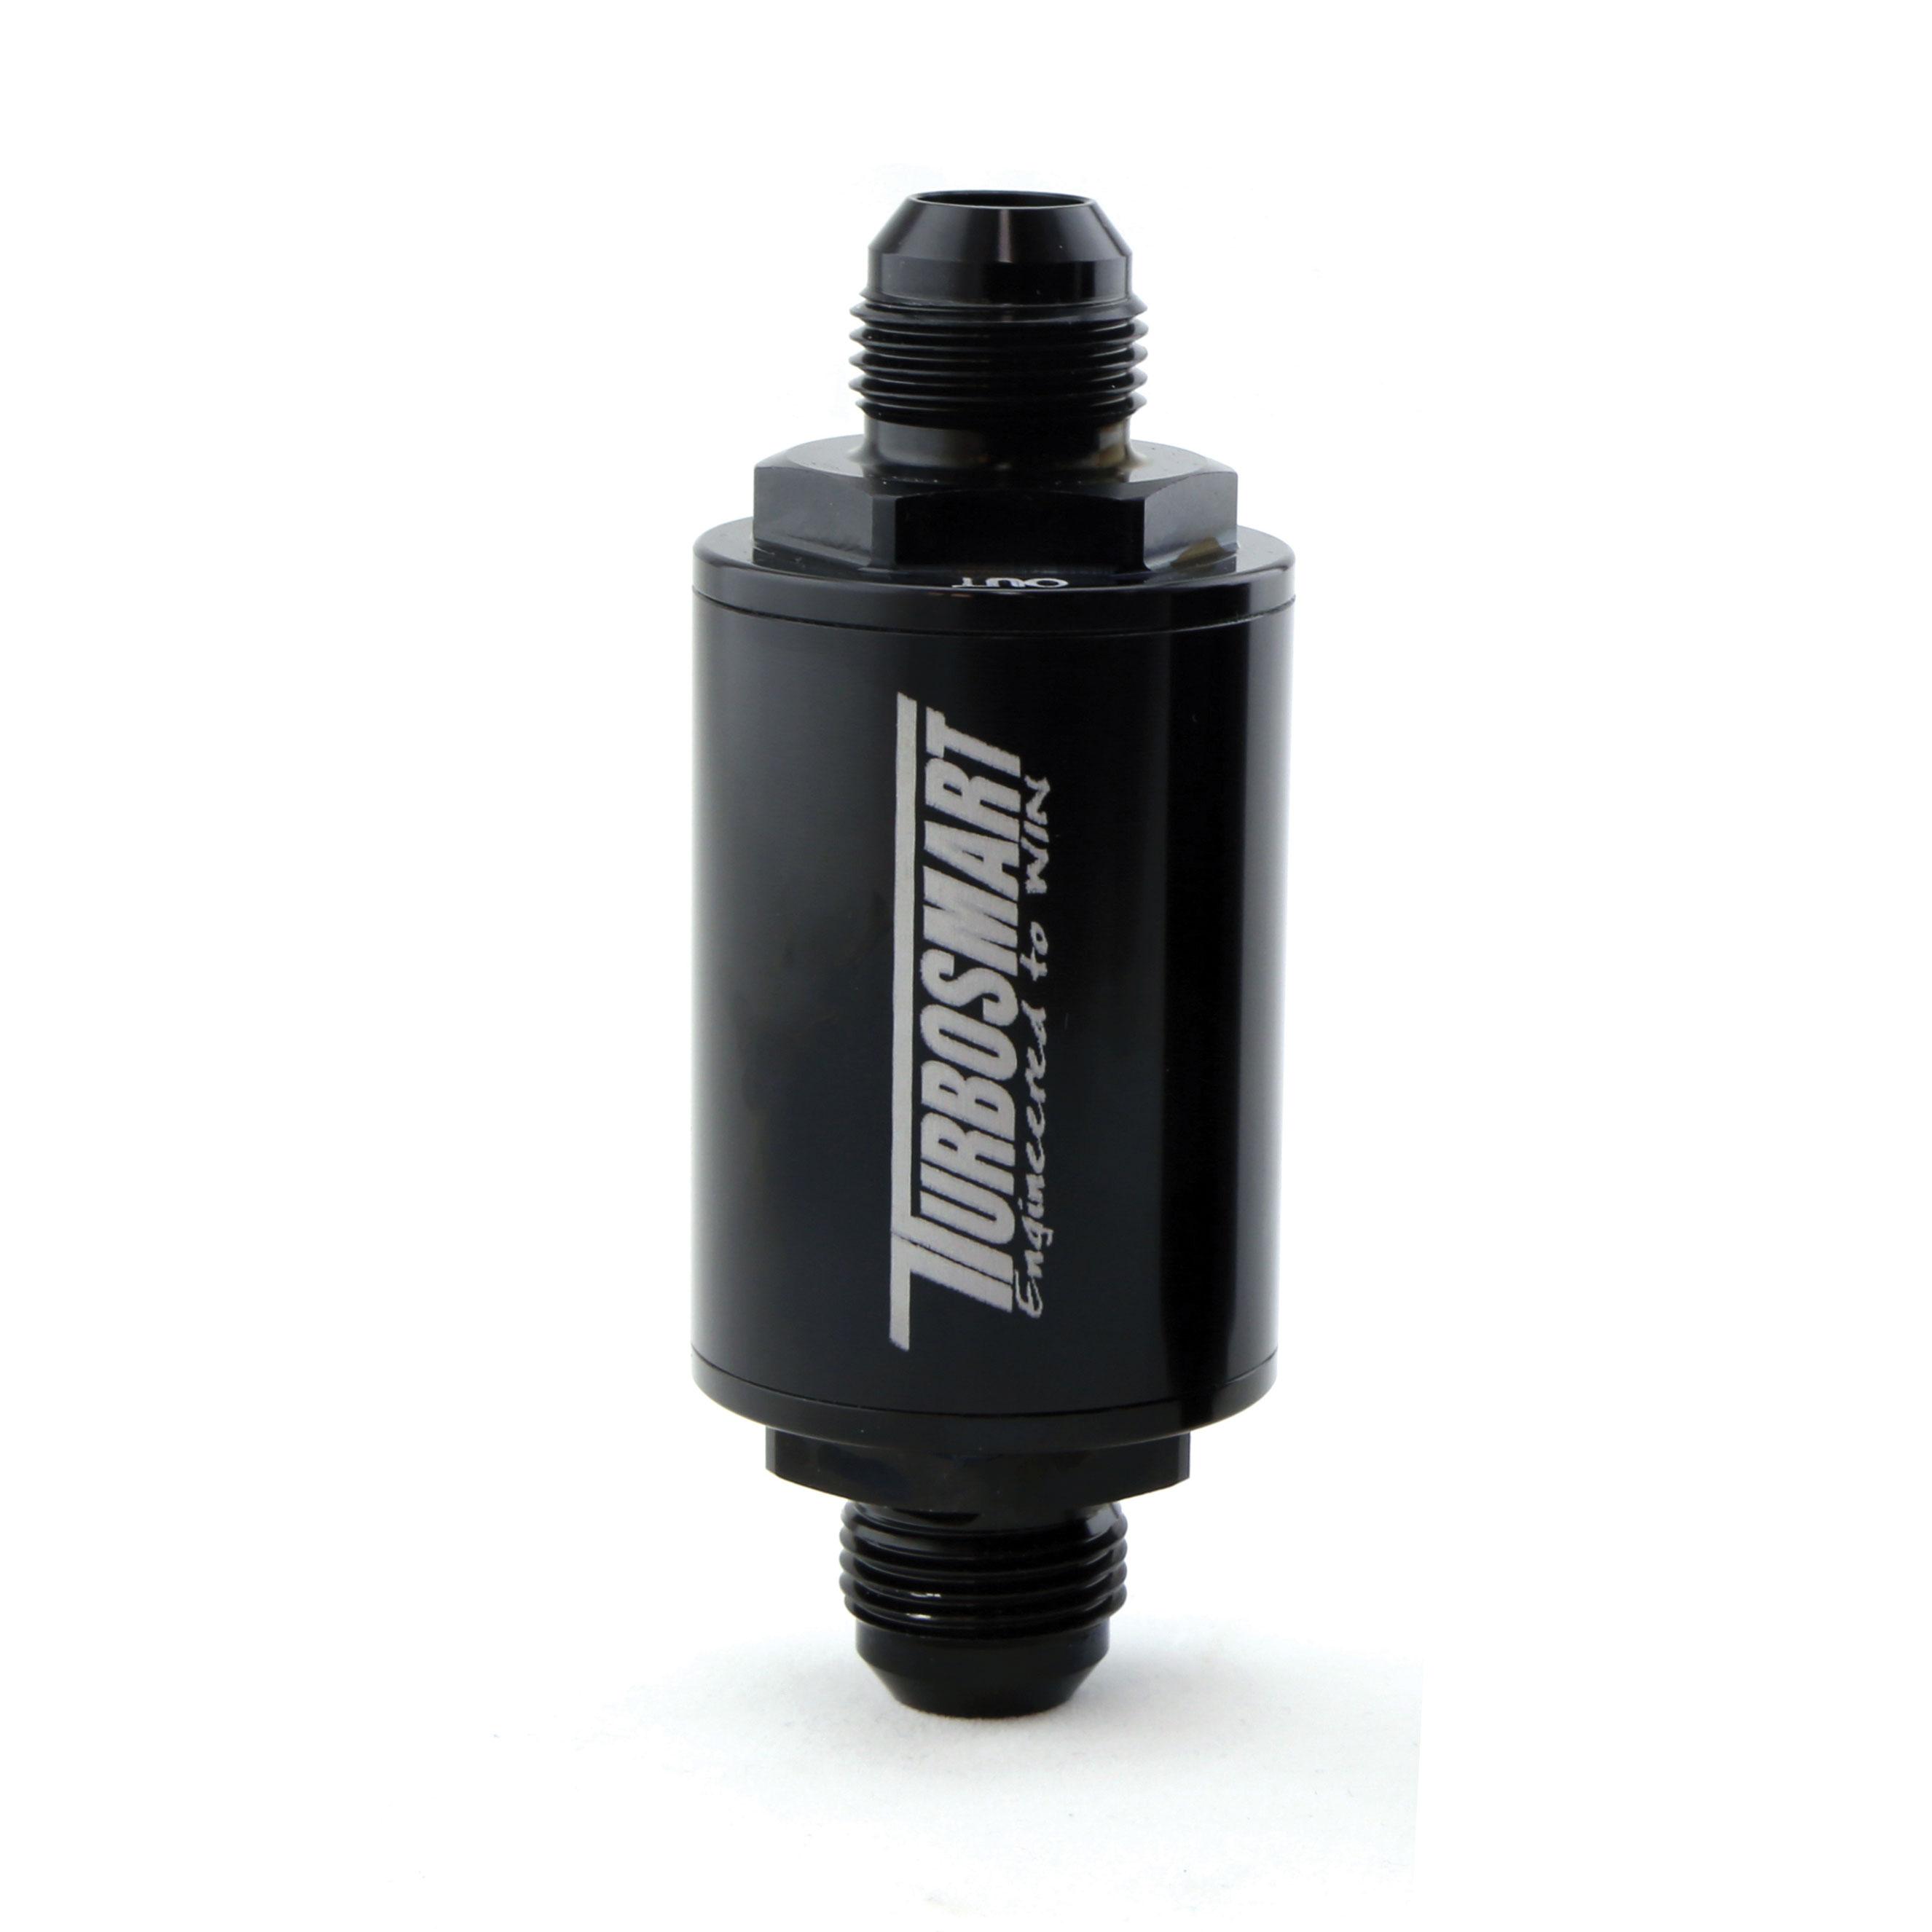 Turbosmart FPR Billet Fuel Filter 10um AN-10 - Black